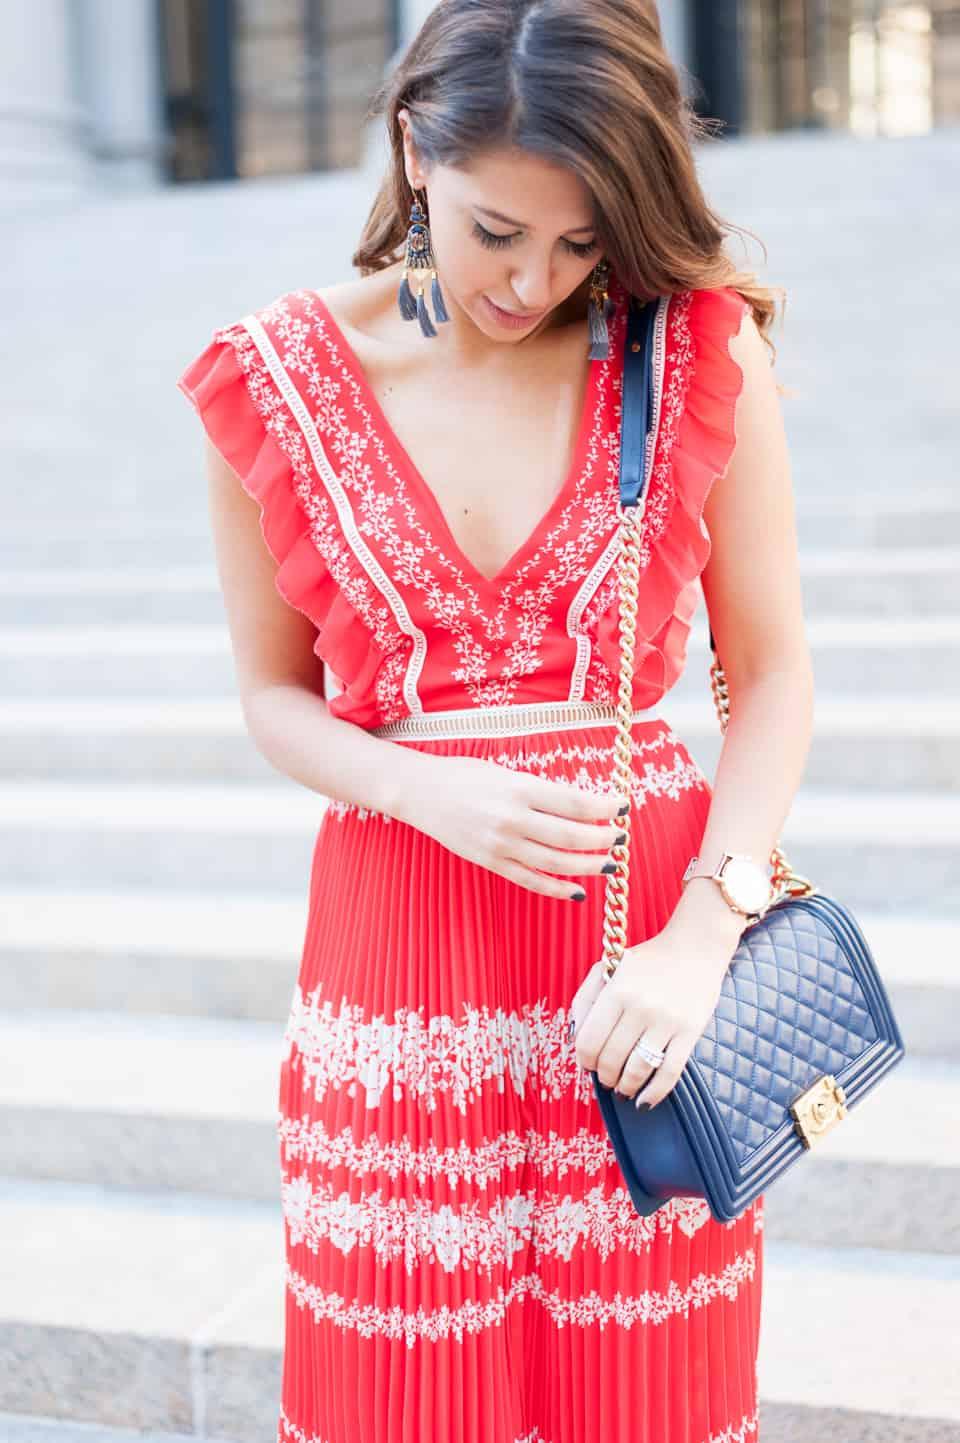 b972d29a580 Red Dress Party – Dress Up Buttercup